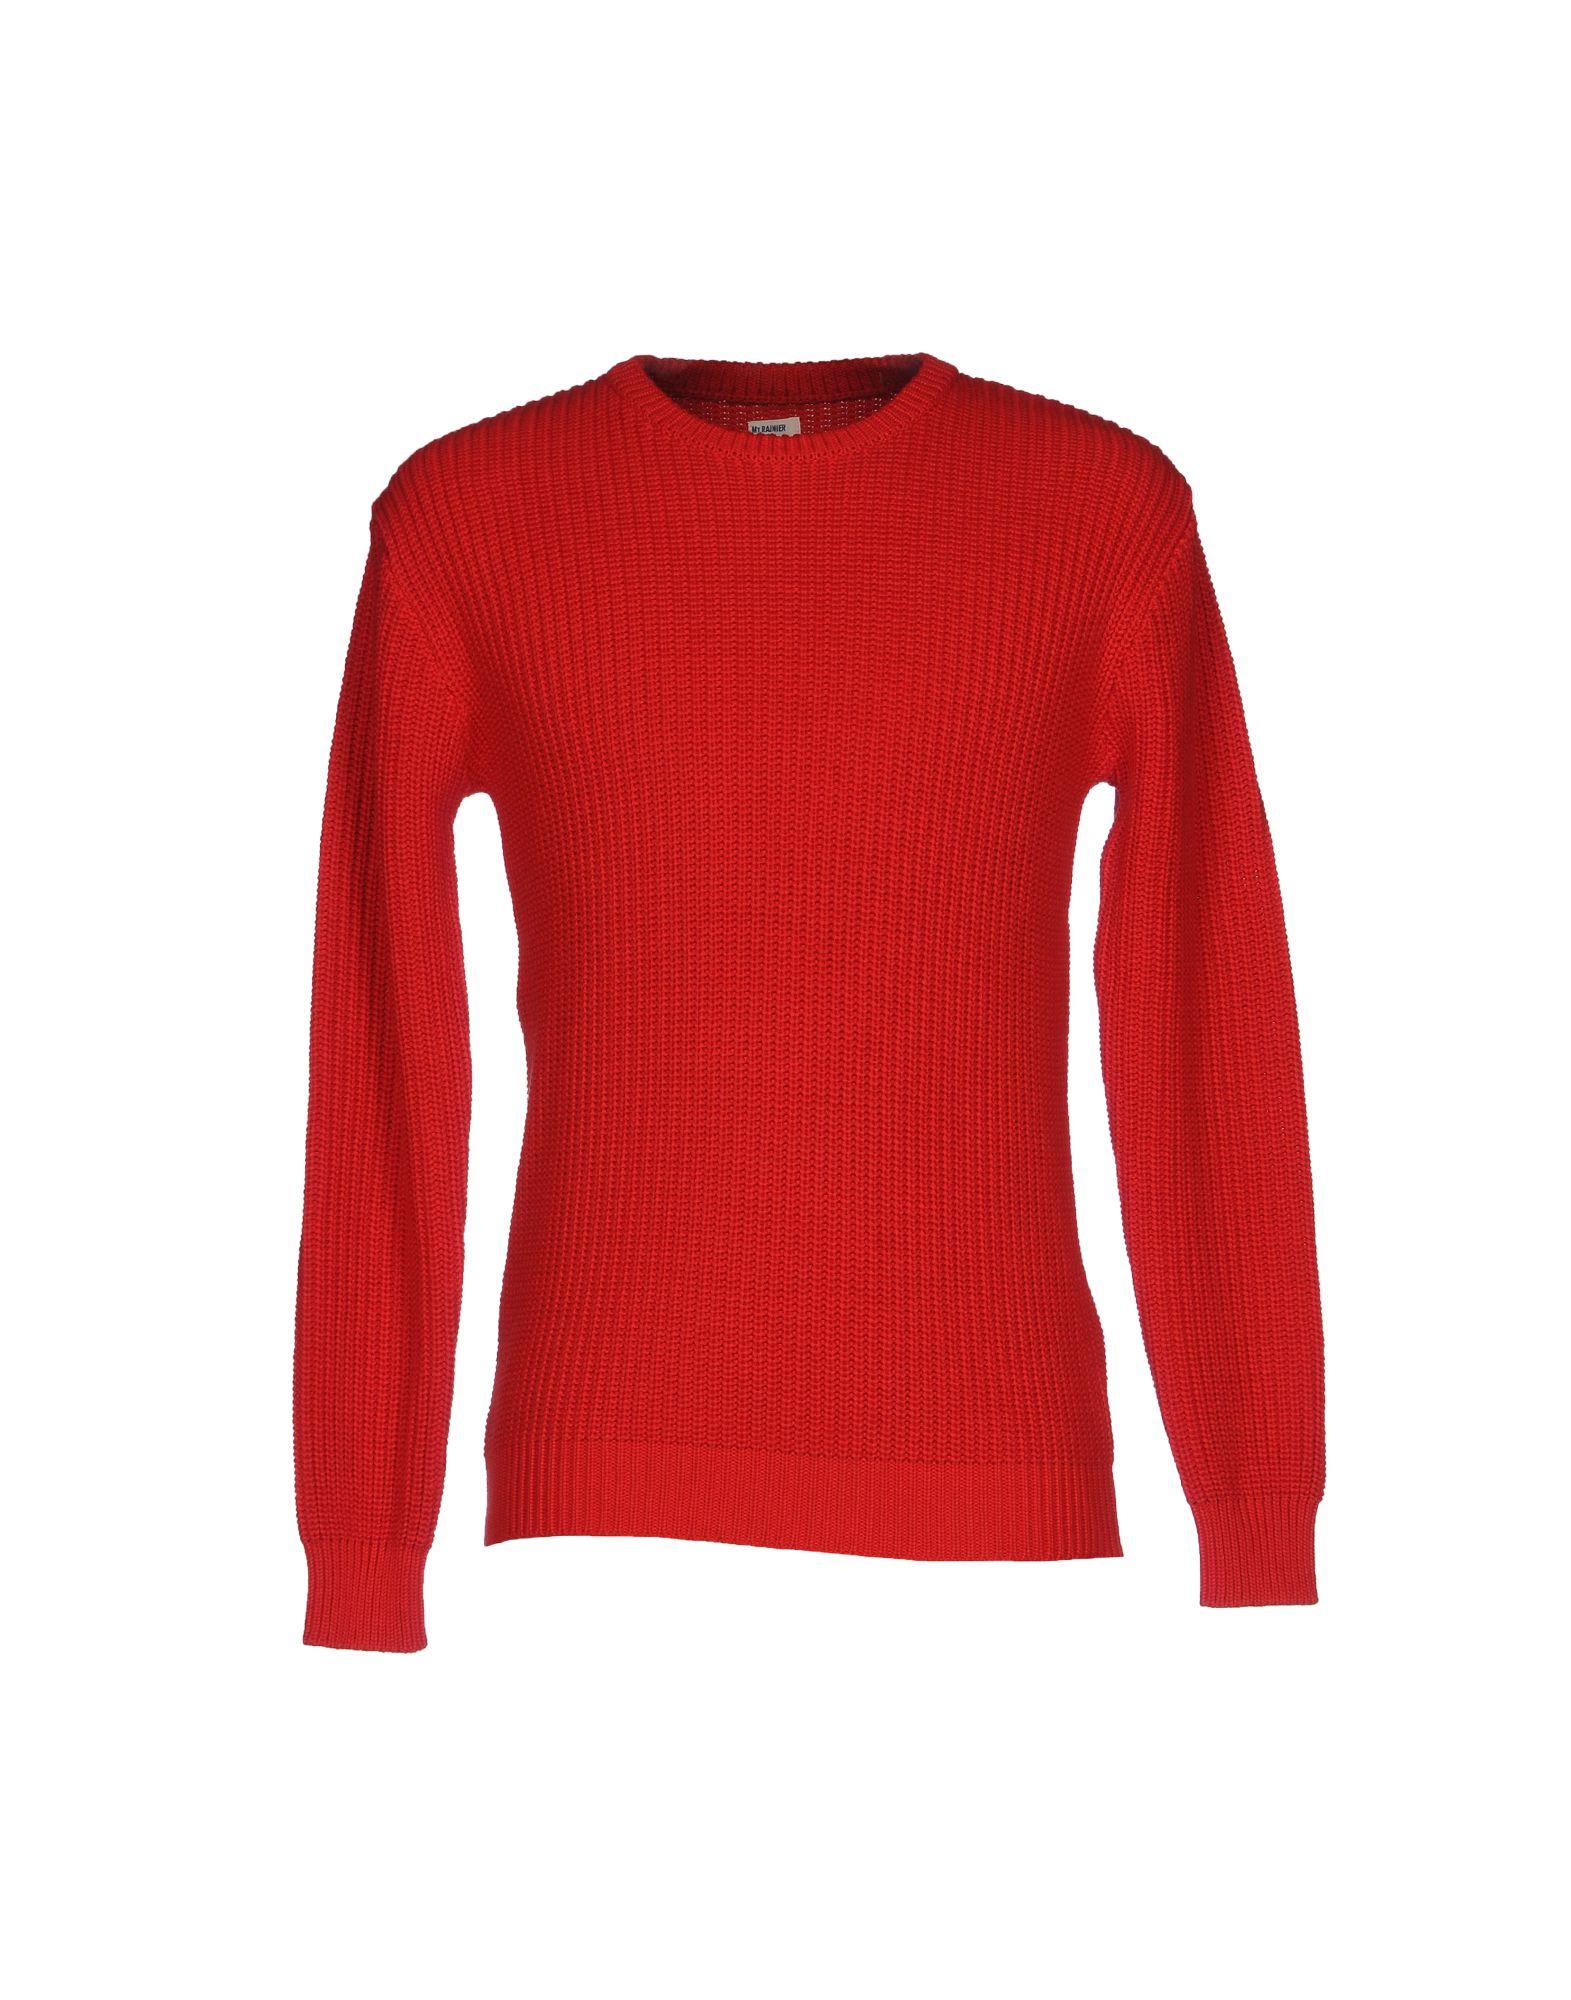 MT. RAINIER DESIGN Sweater in Red